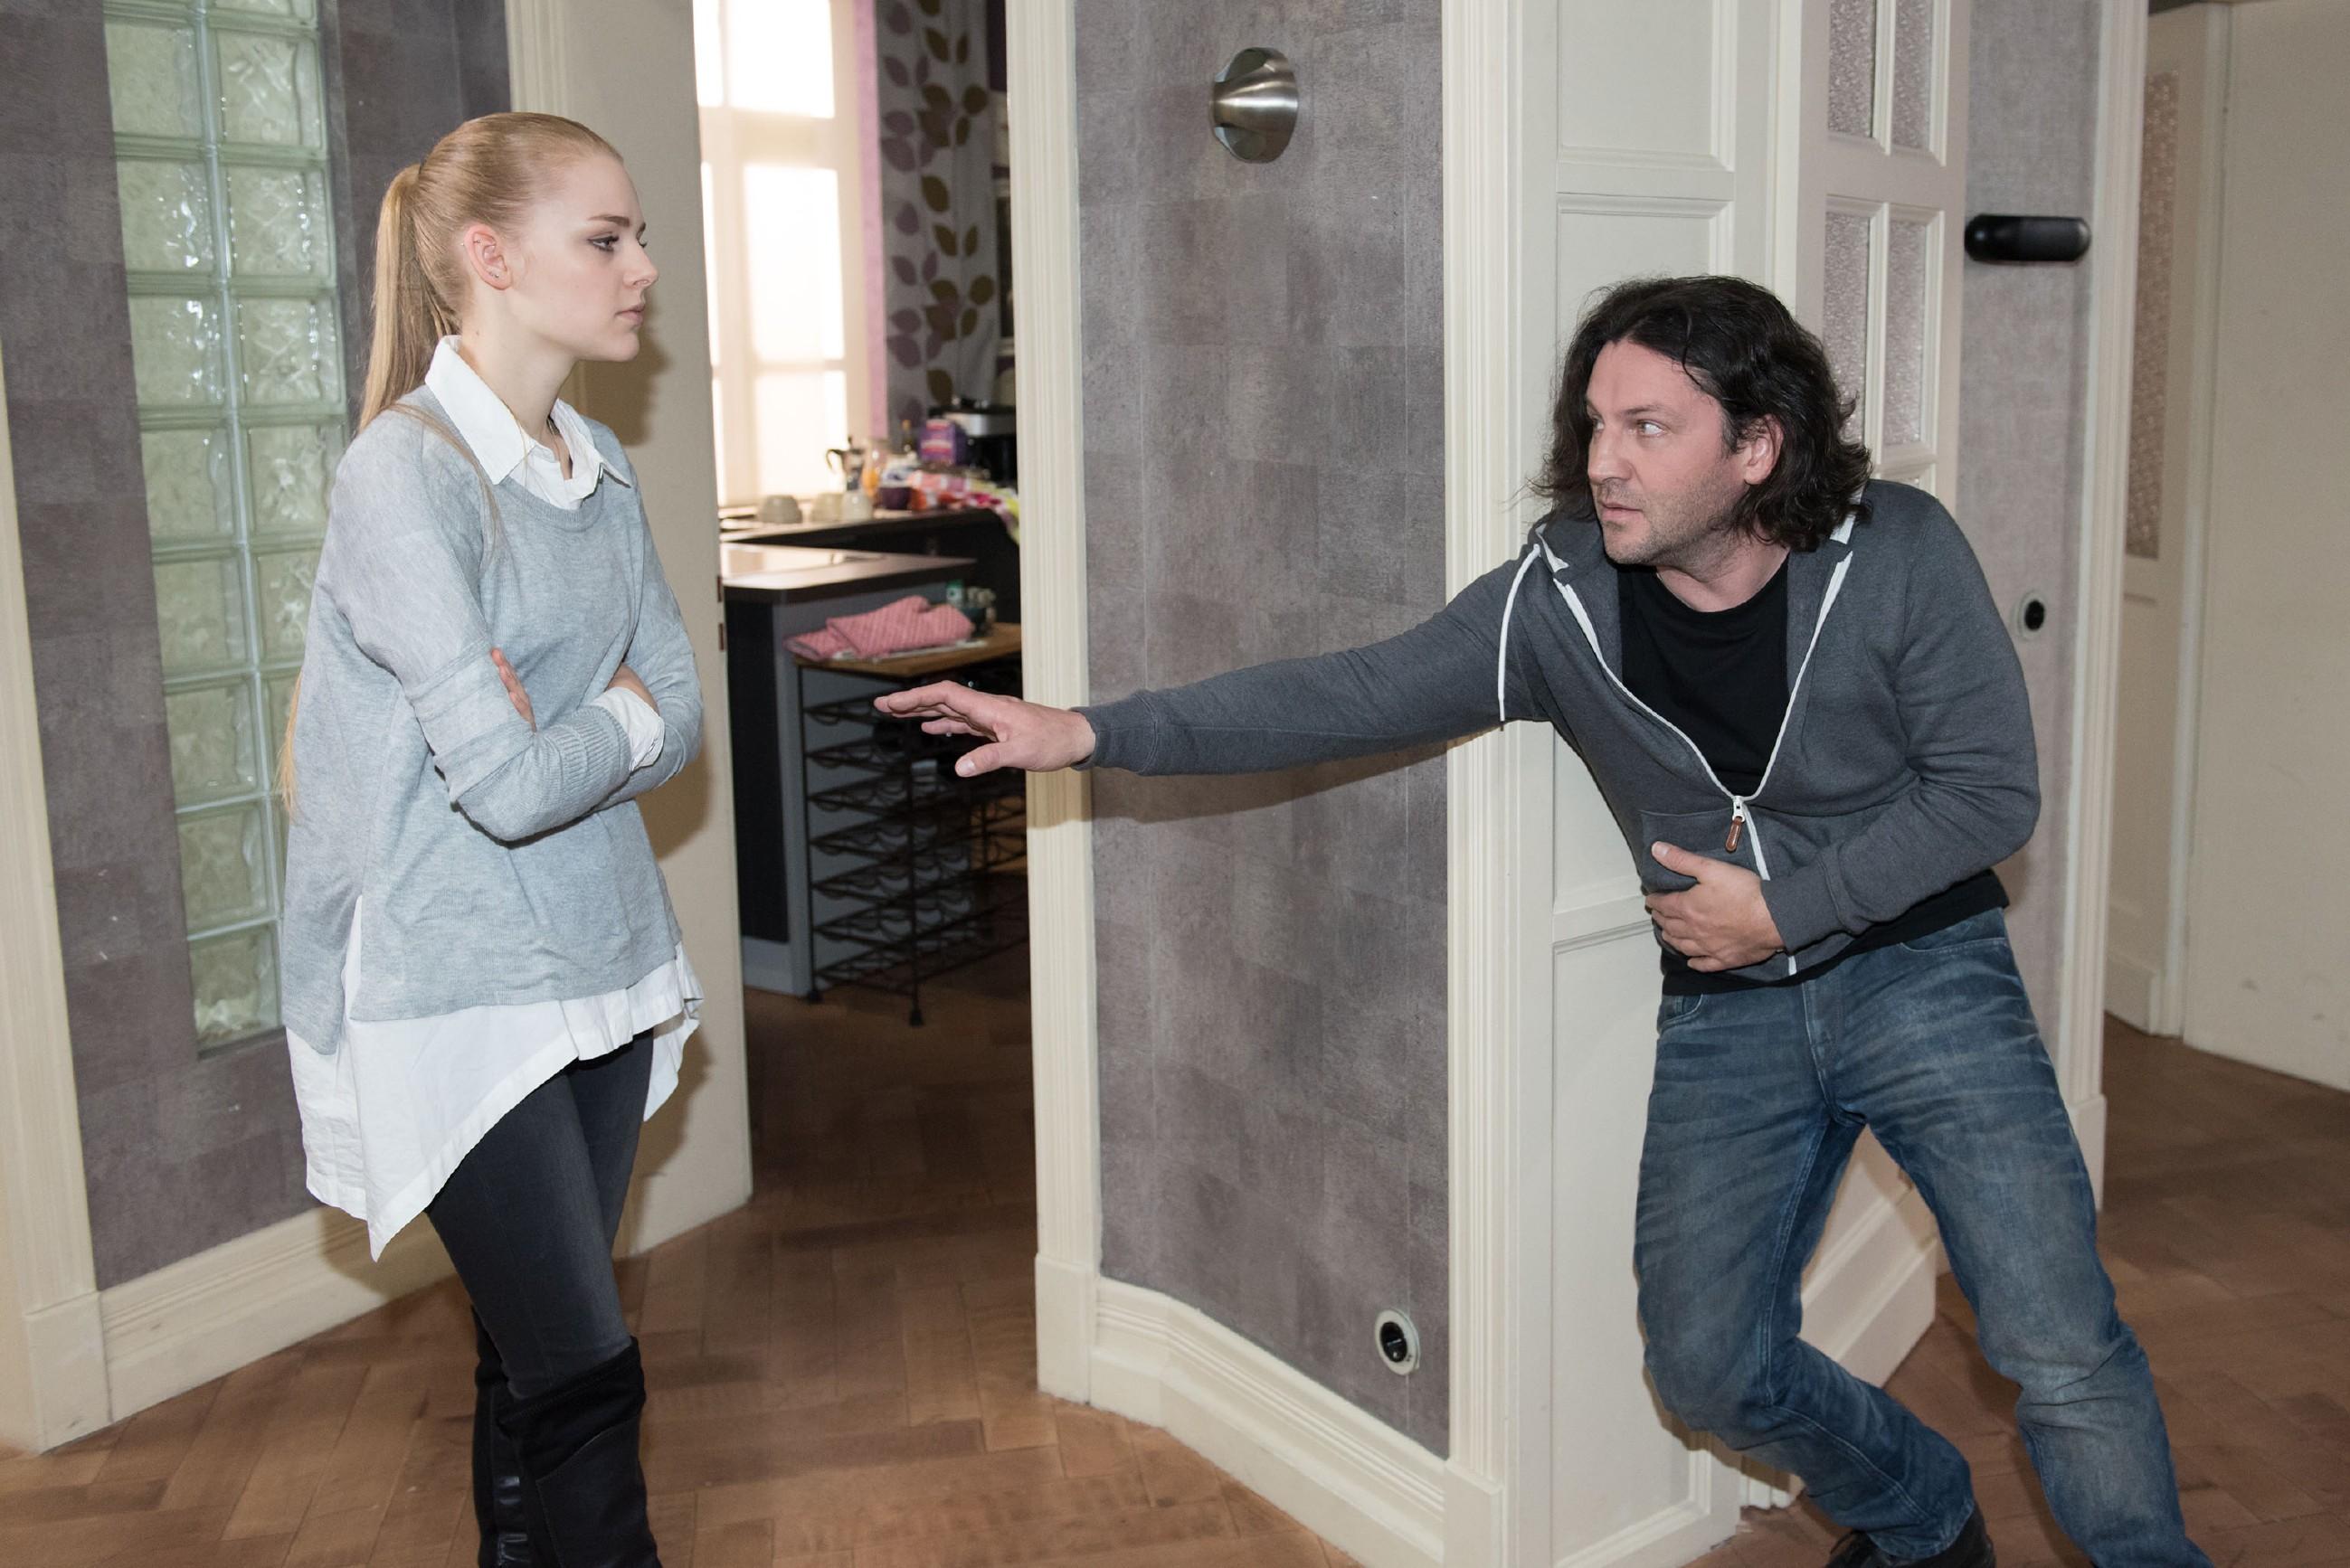 Als Rolf (Stefan Franz) einen Schwächeanfall erleidet, hält Fiona (Olivia Burkhart) dies nur für einen weiteren Manipulations-Versuch... (Foto: RTL / Stefan Behrens)